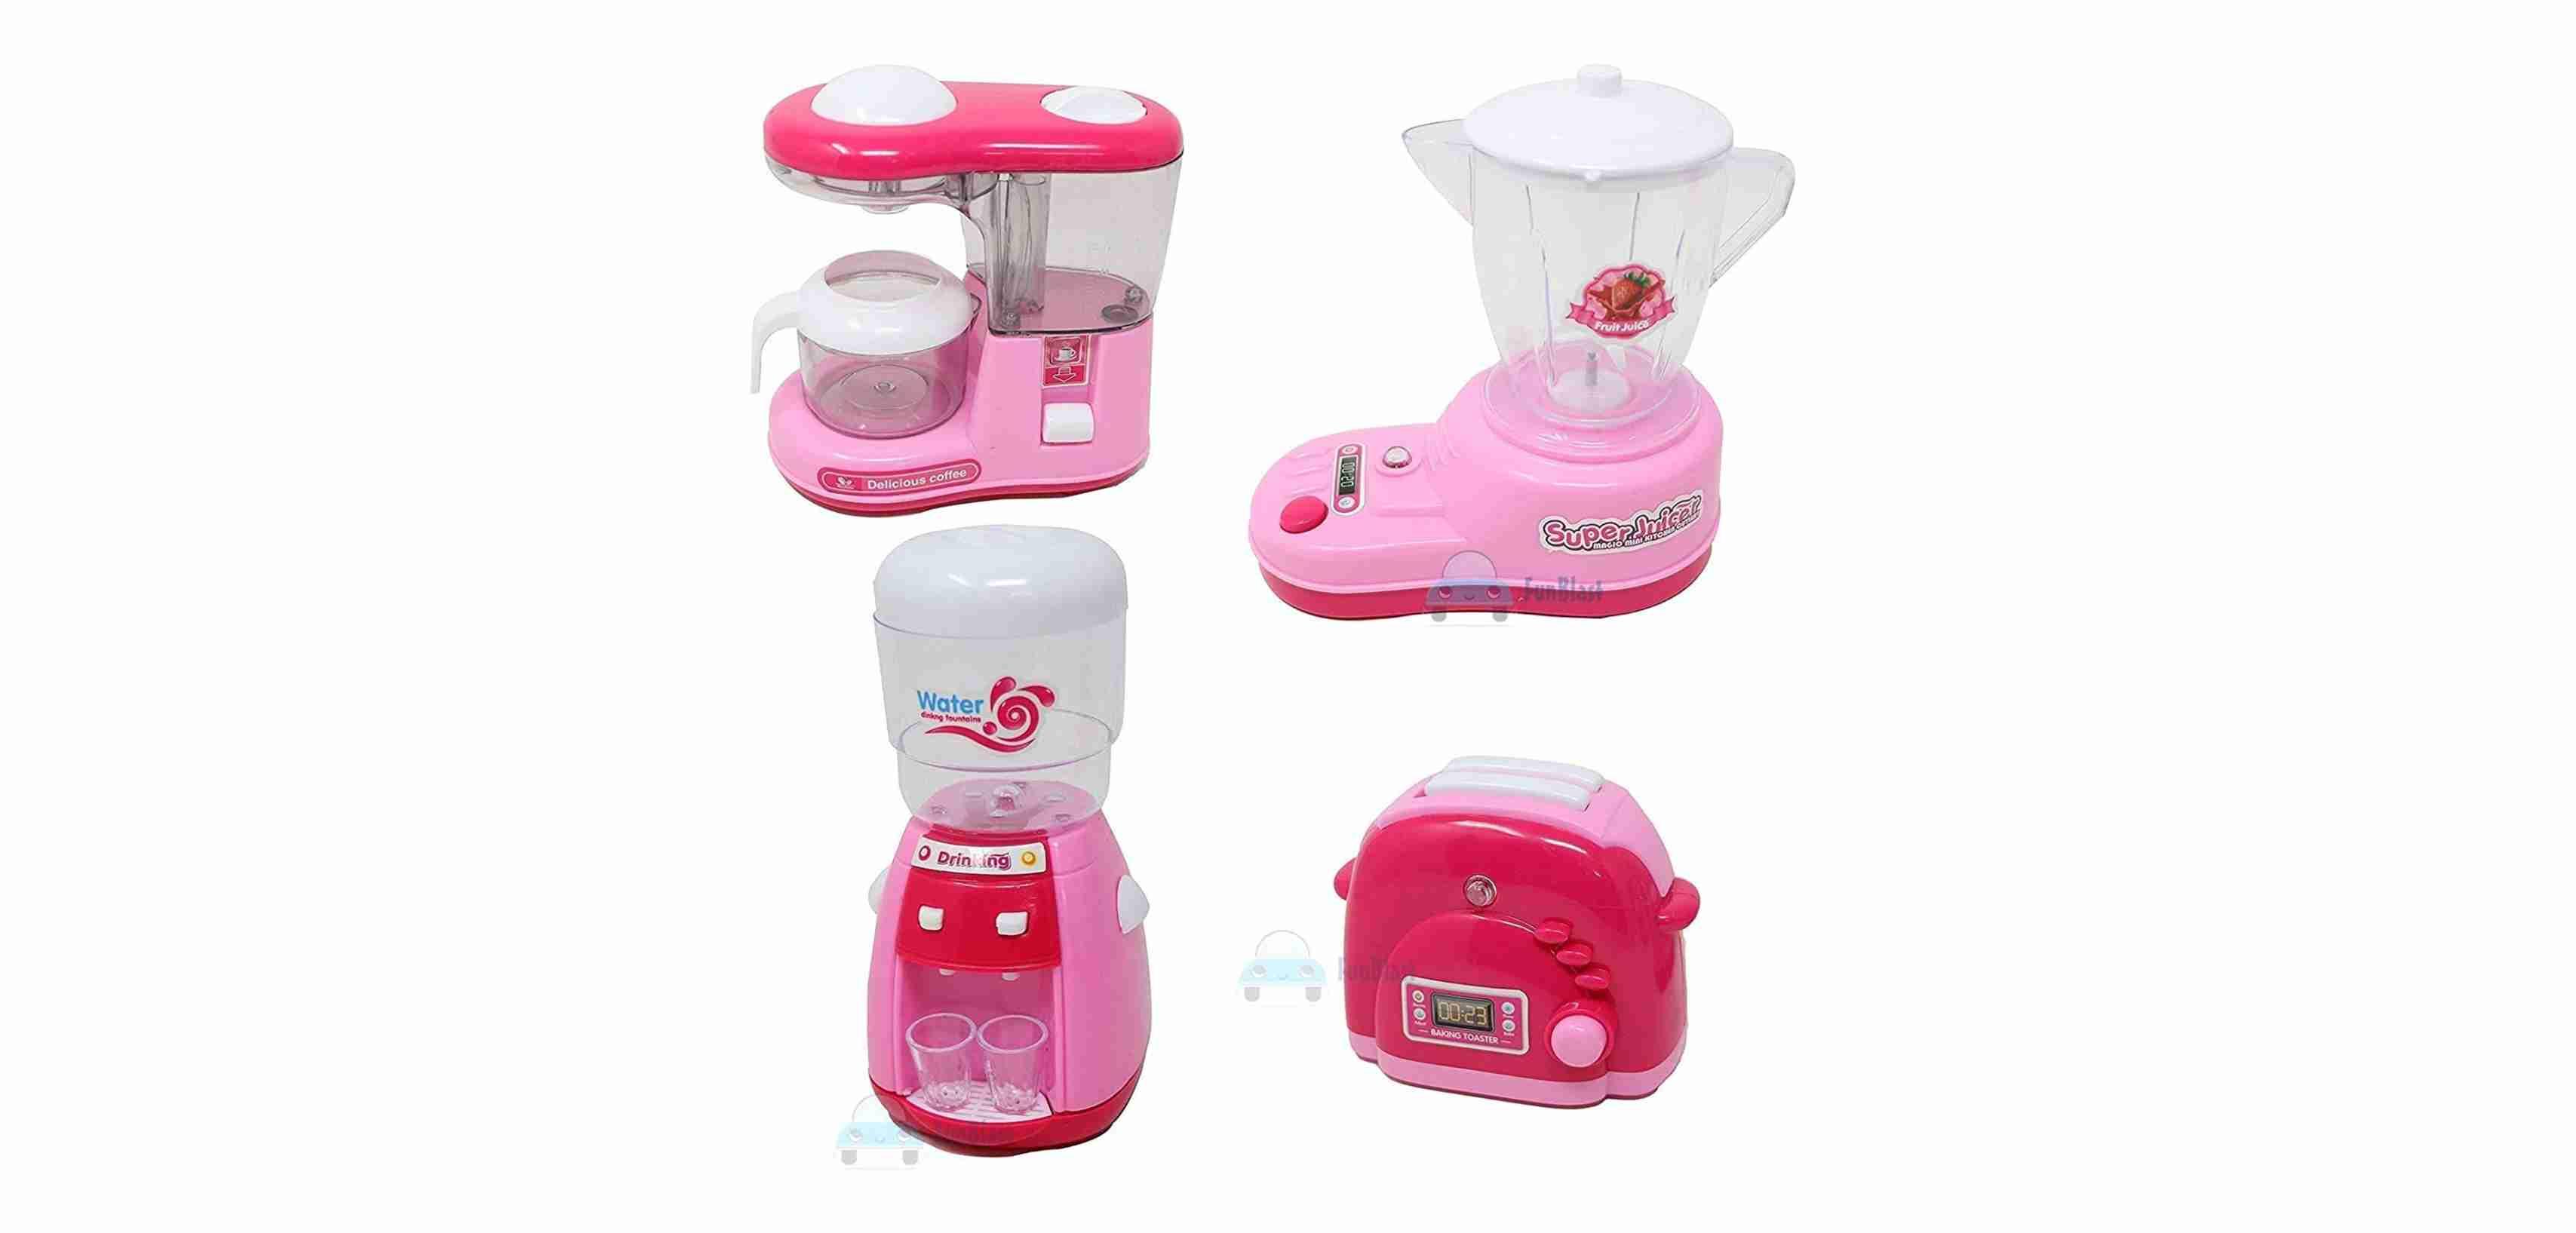 Household Kitchen Set for Girls